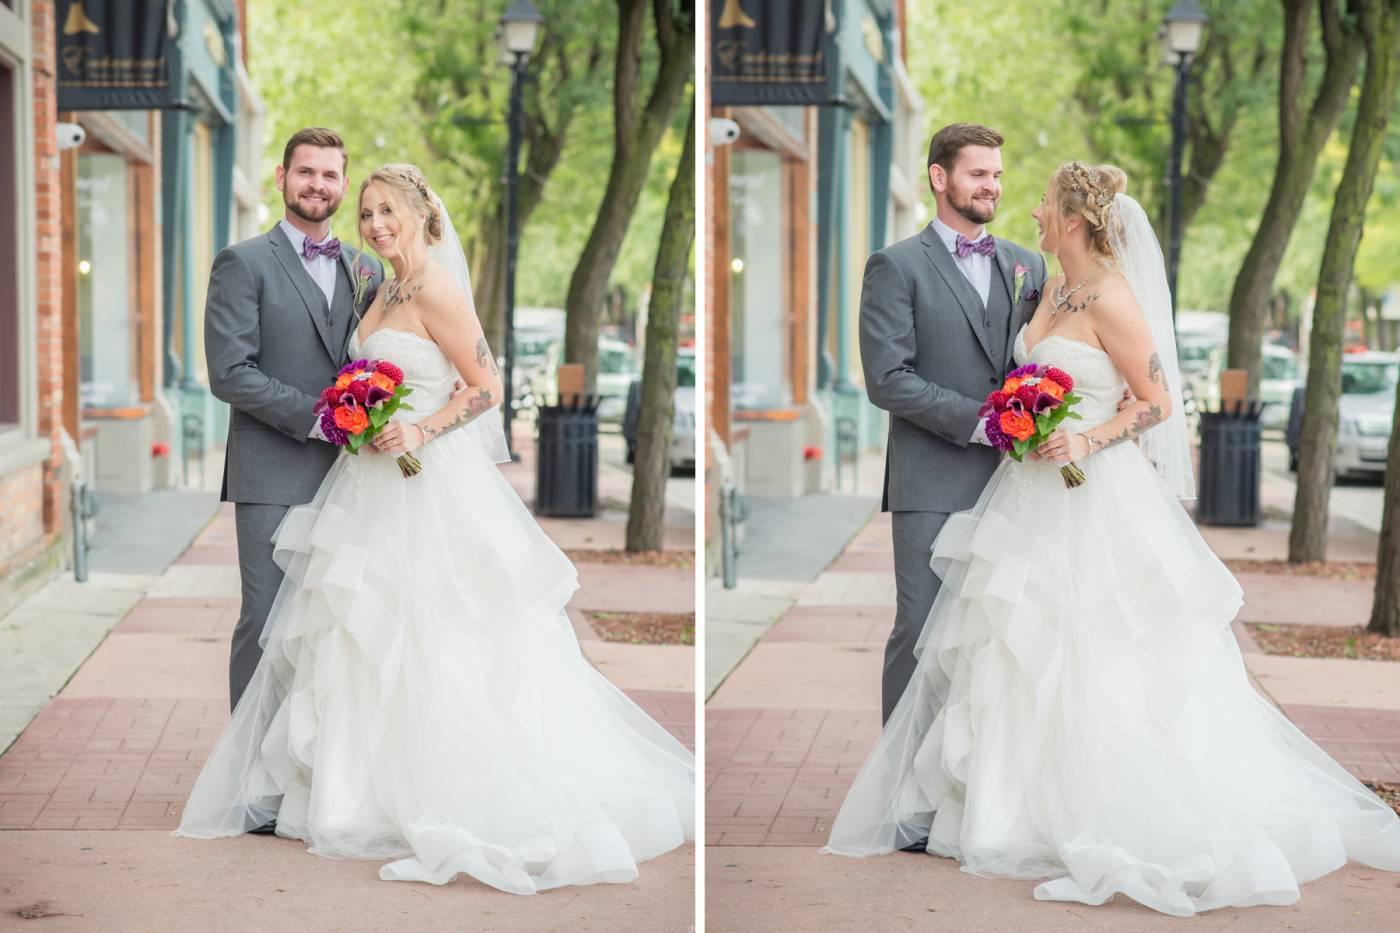 Tanya Sinnett Weddings Photographer